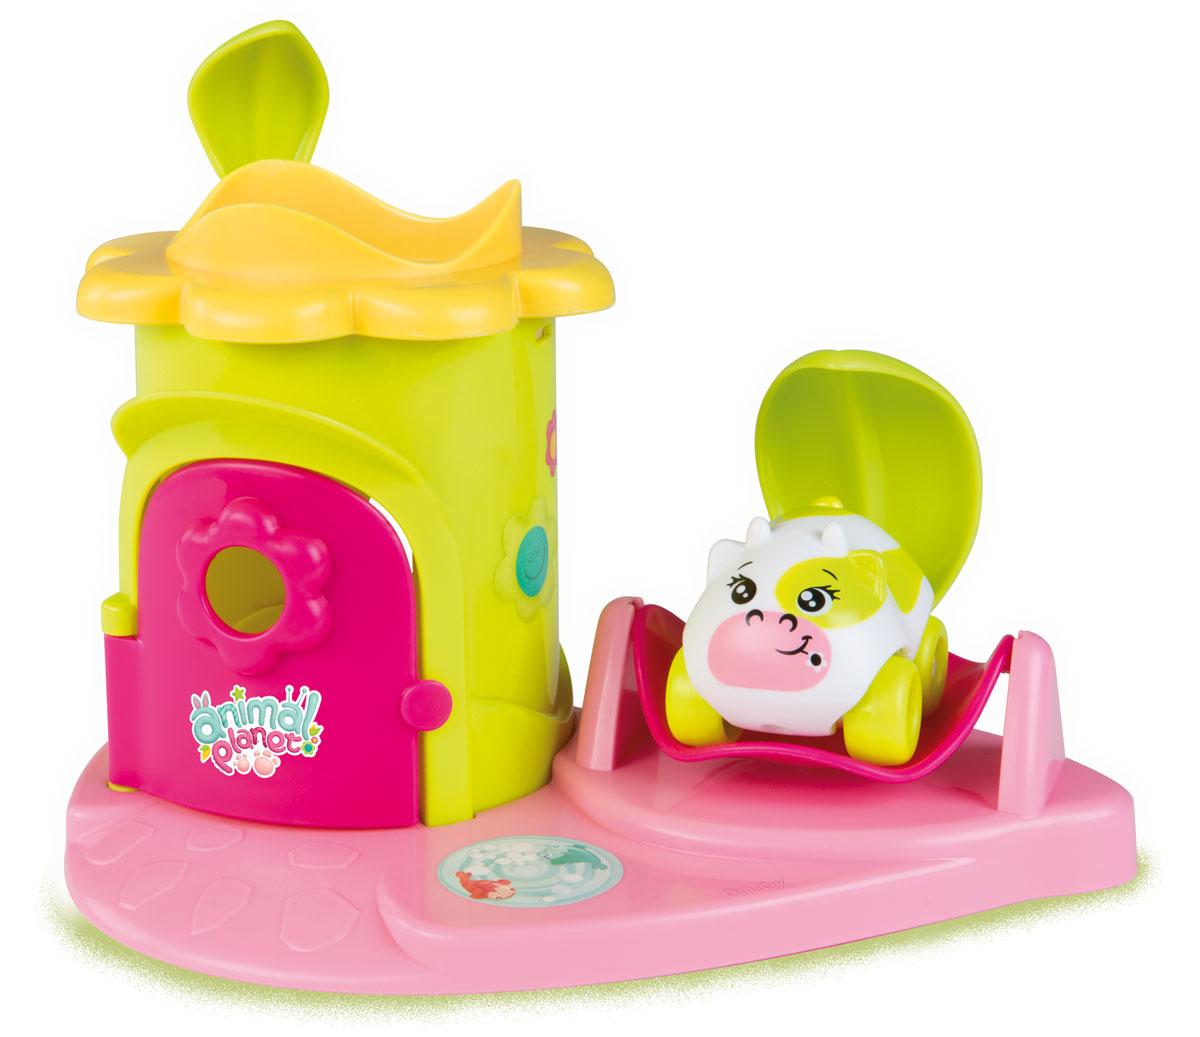 Smoby Игровой набор Animal Planet Коровка211354_коровкаИгровой набор Animal Planet Коровка содержит машинку Animal Planet и замечательный домик для пикника с зонтиком и столиком. Элементы зонтика двигаются. Окрашена игрушка в очень яркие цвета, что привлечет внимание малыша. С такой игрушкой ваш ребенок не захочет надолго разлучаться! br>Игрушка развивает мелкую моторику, мышление, зрительное и звуковое восприятие, повышает двигательную активность малышей. Порадуйте вашего ребенка таким замечательным подарком! Рекомендуемый возраст: от 18 месяцев.